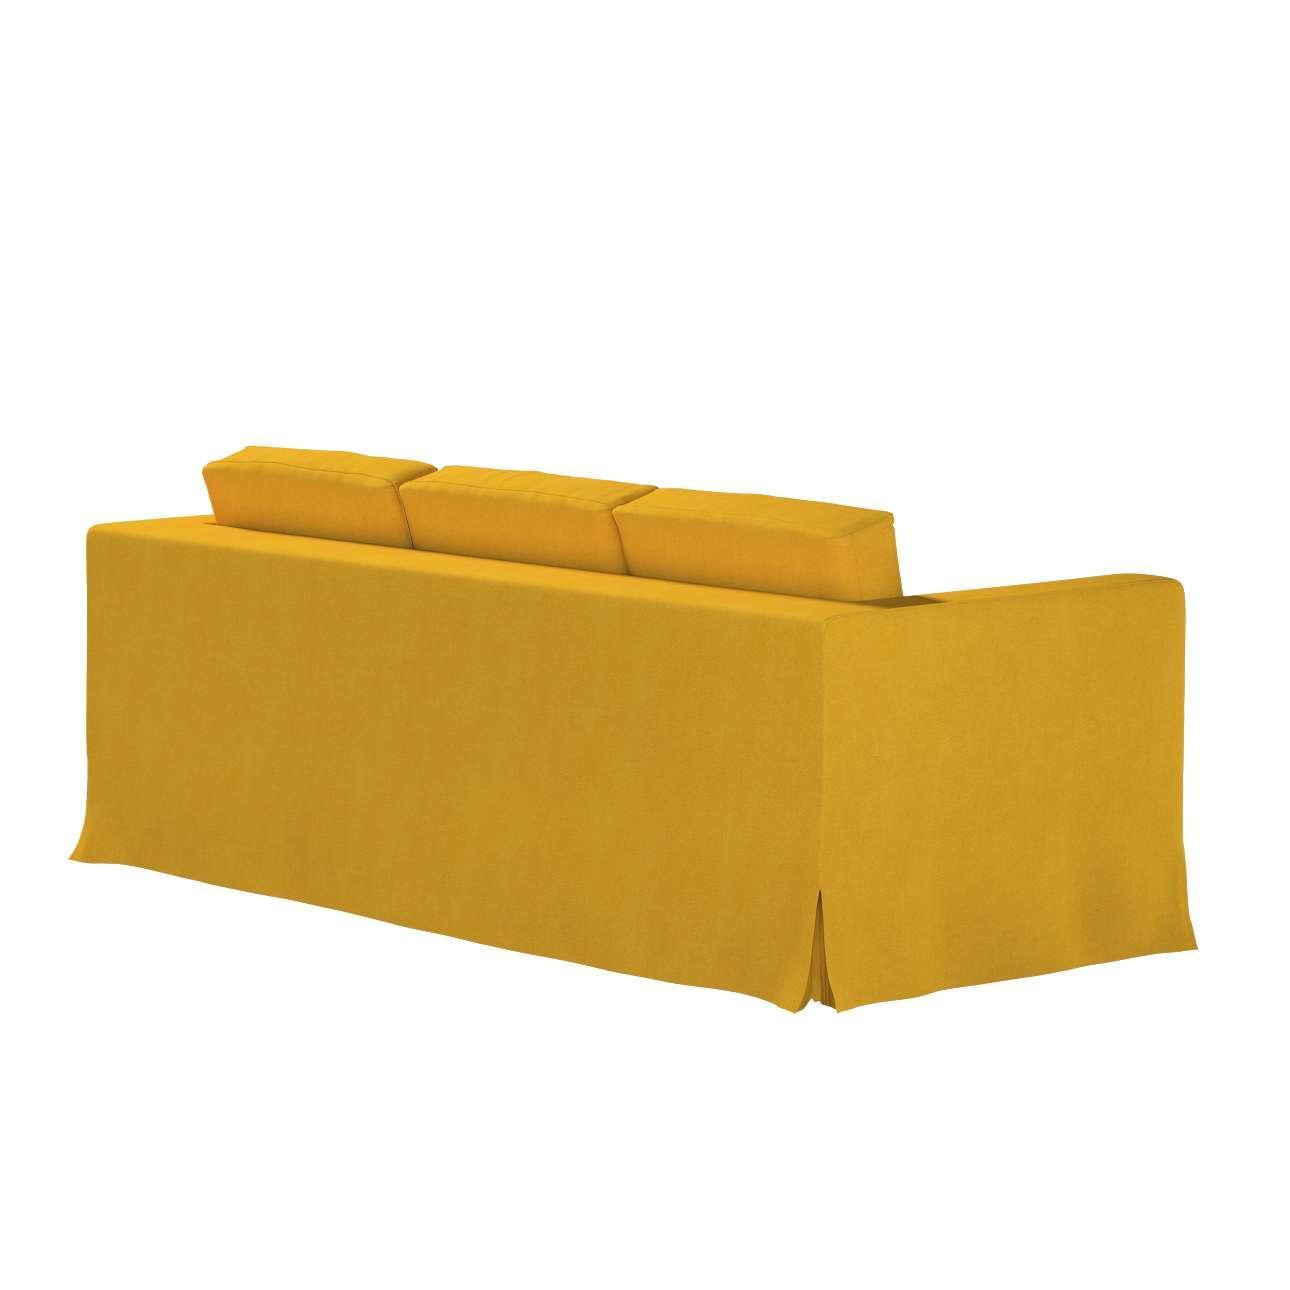 Bezug für Karlanda 3-Sitzer Sofa nicht ausklappbar, lang von der Kollektion Etna, Stoff: 705-04